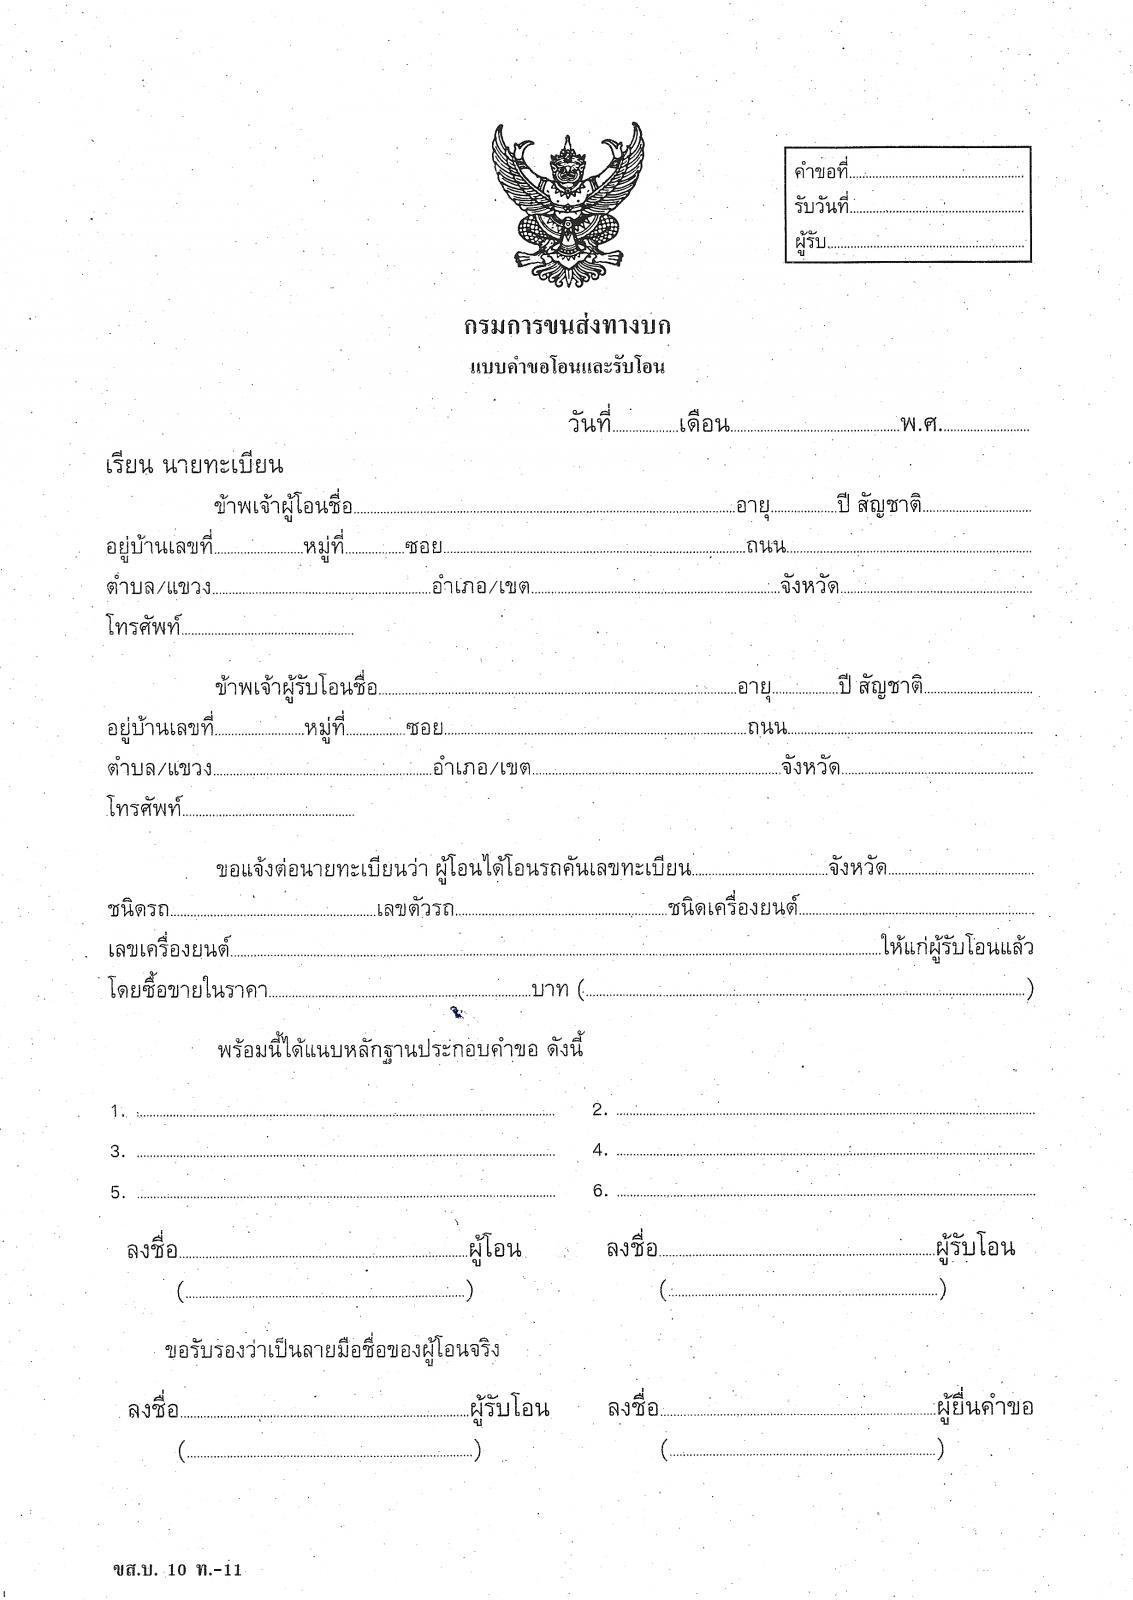 Transfer of ownership farang to farang - Thailand Motor ...